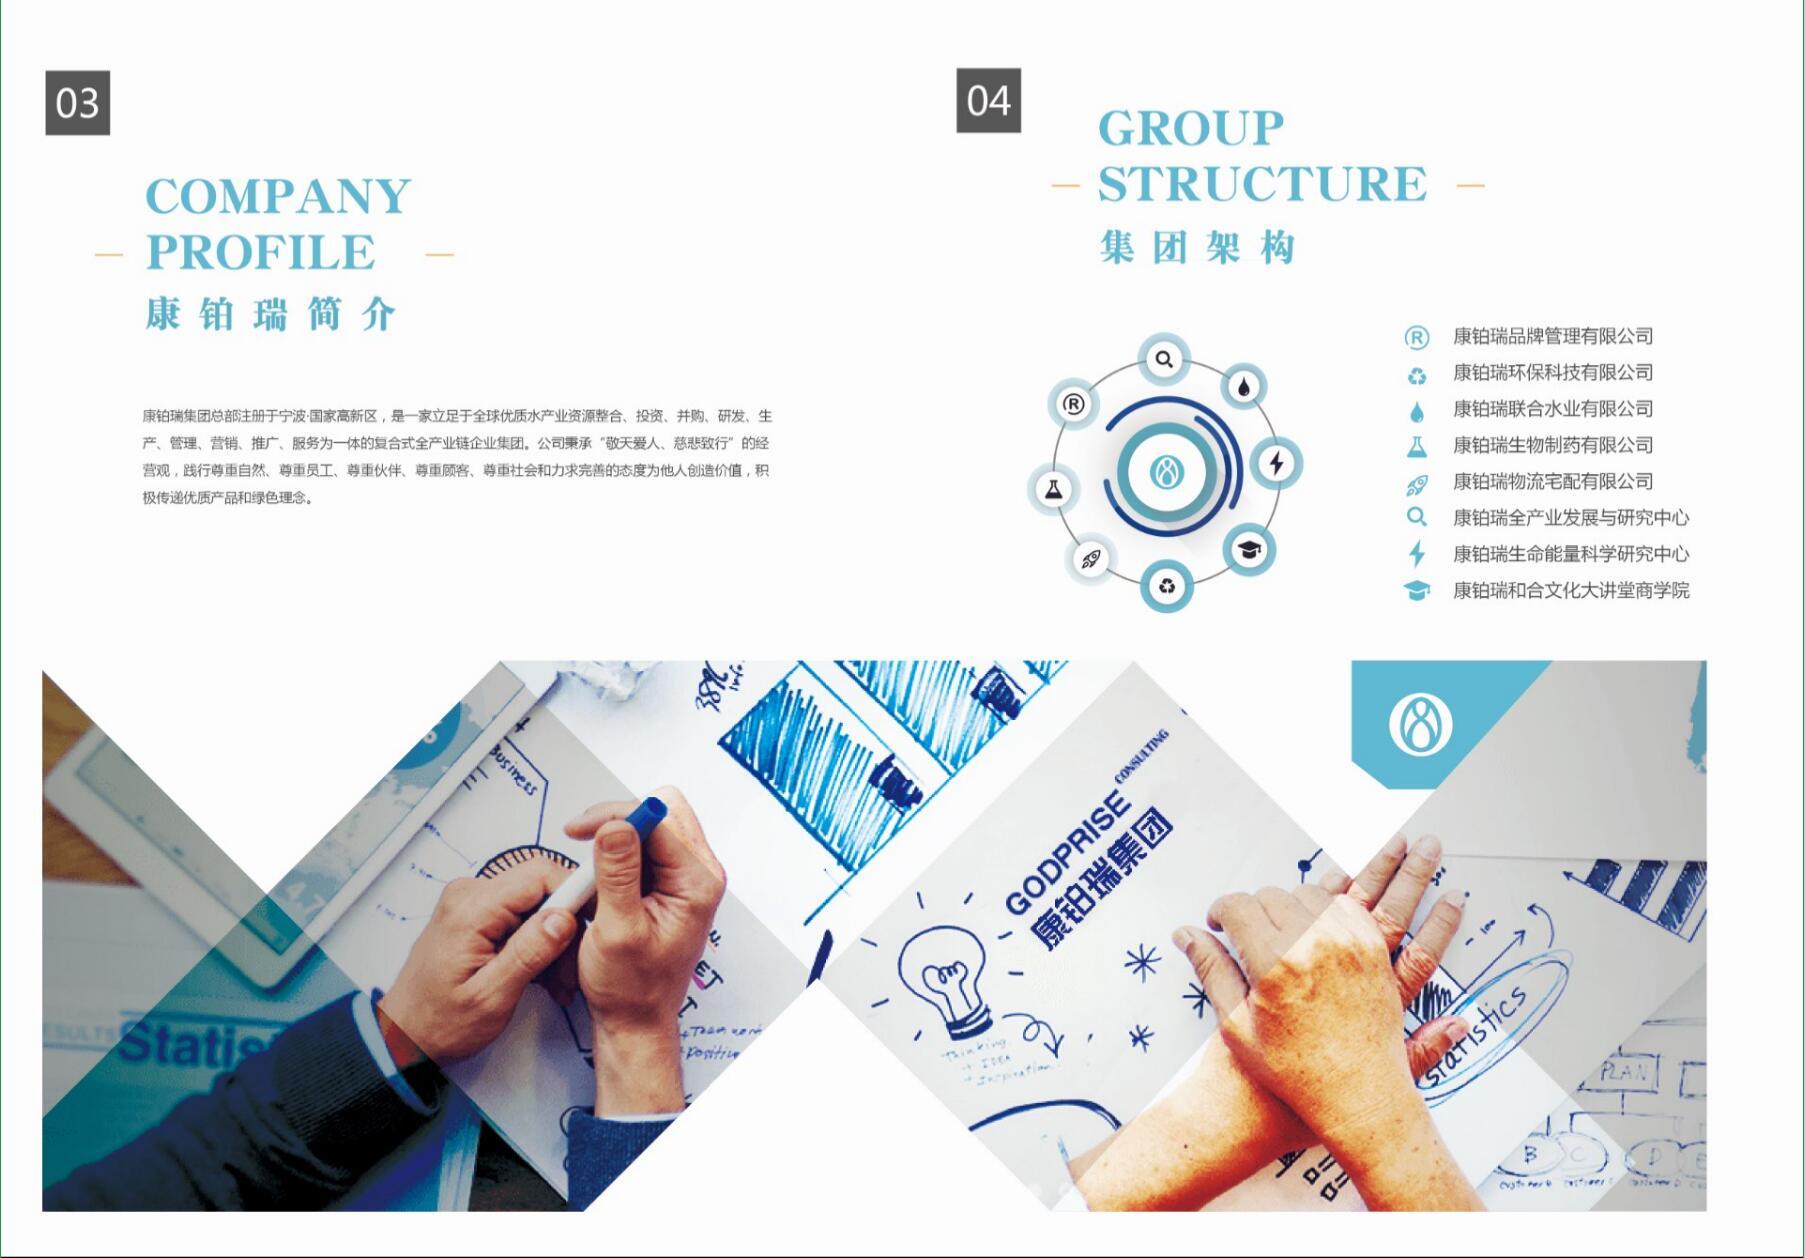 包装品设计画册设计宣传册设计产品画册企业宣传册banner